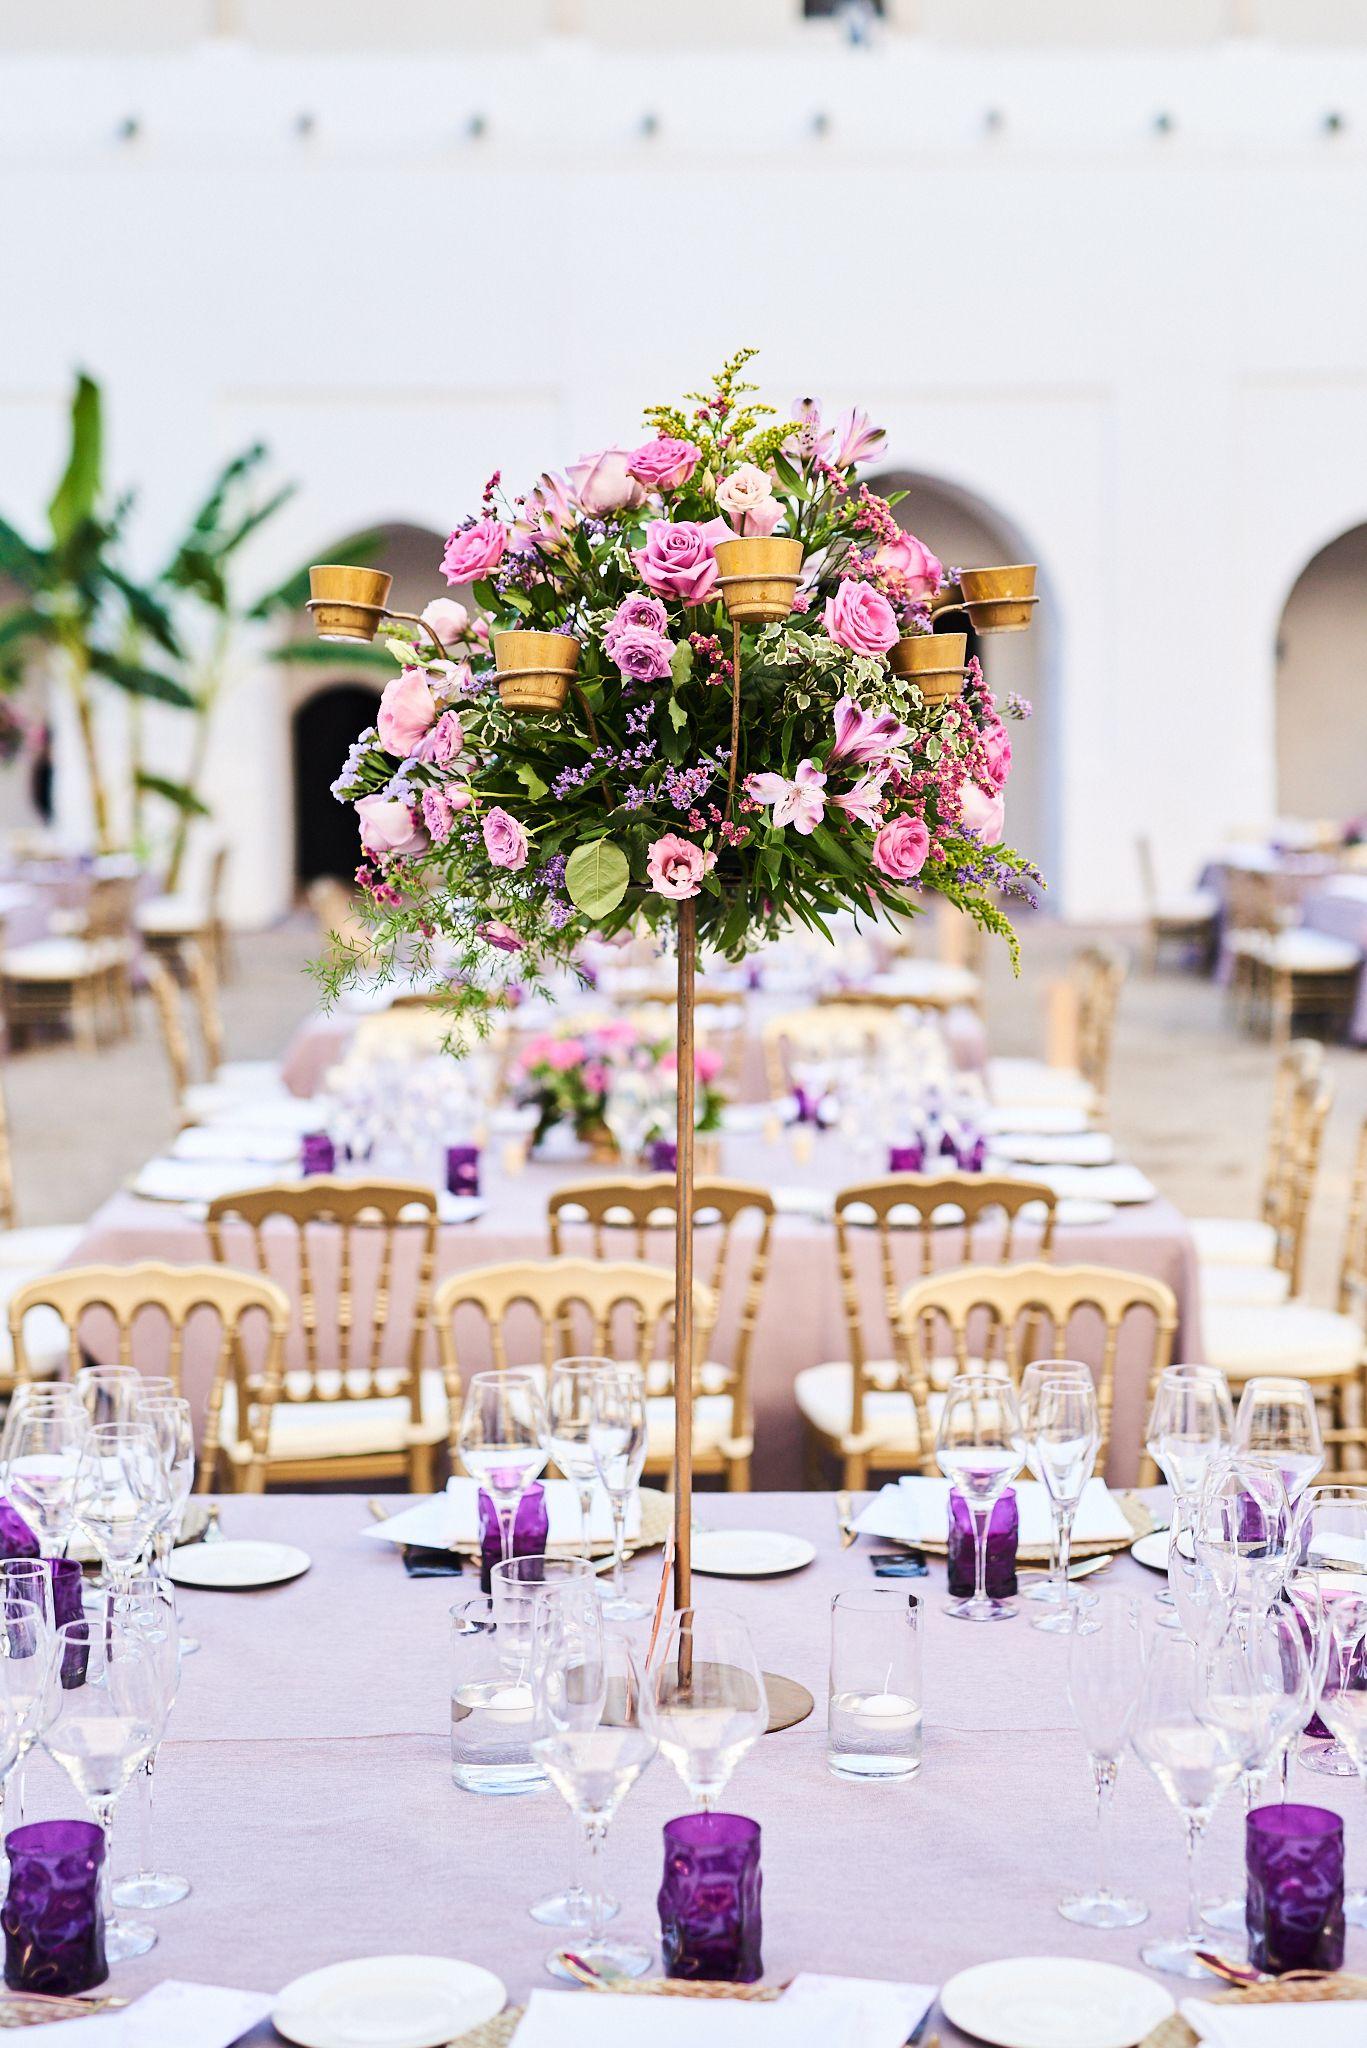 La-22Destination-Wedding22-en-Moguer-de-Lauren-y-JosC3A9-Antonio-JoseAntonio-alejandromarmol1933.jpg